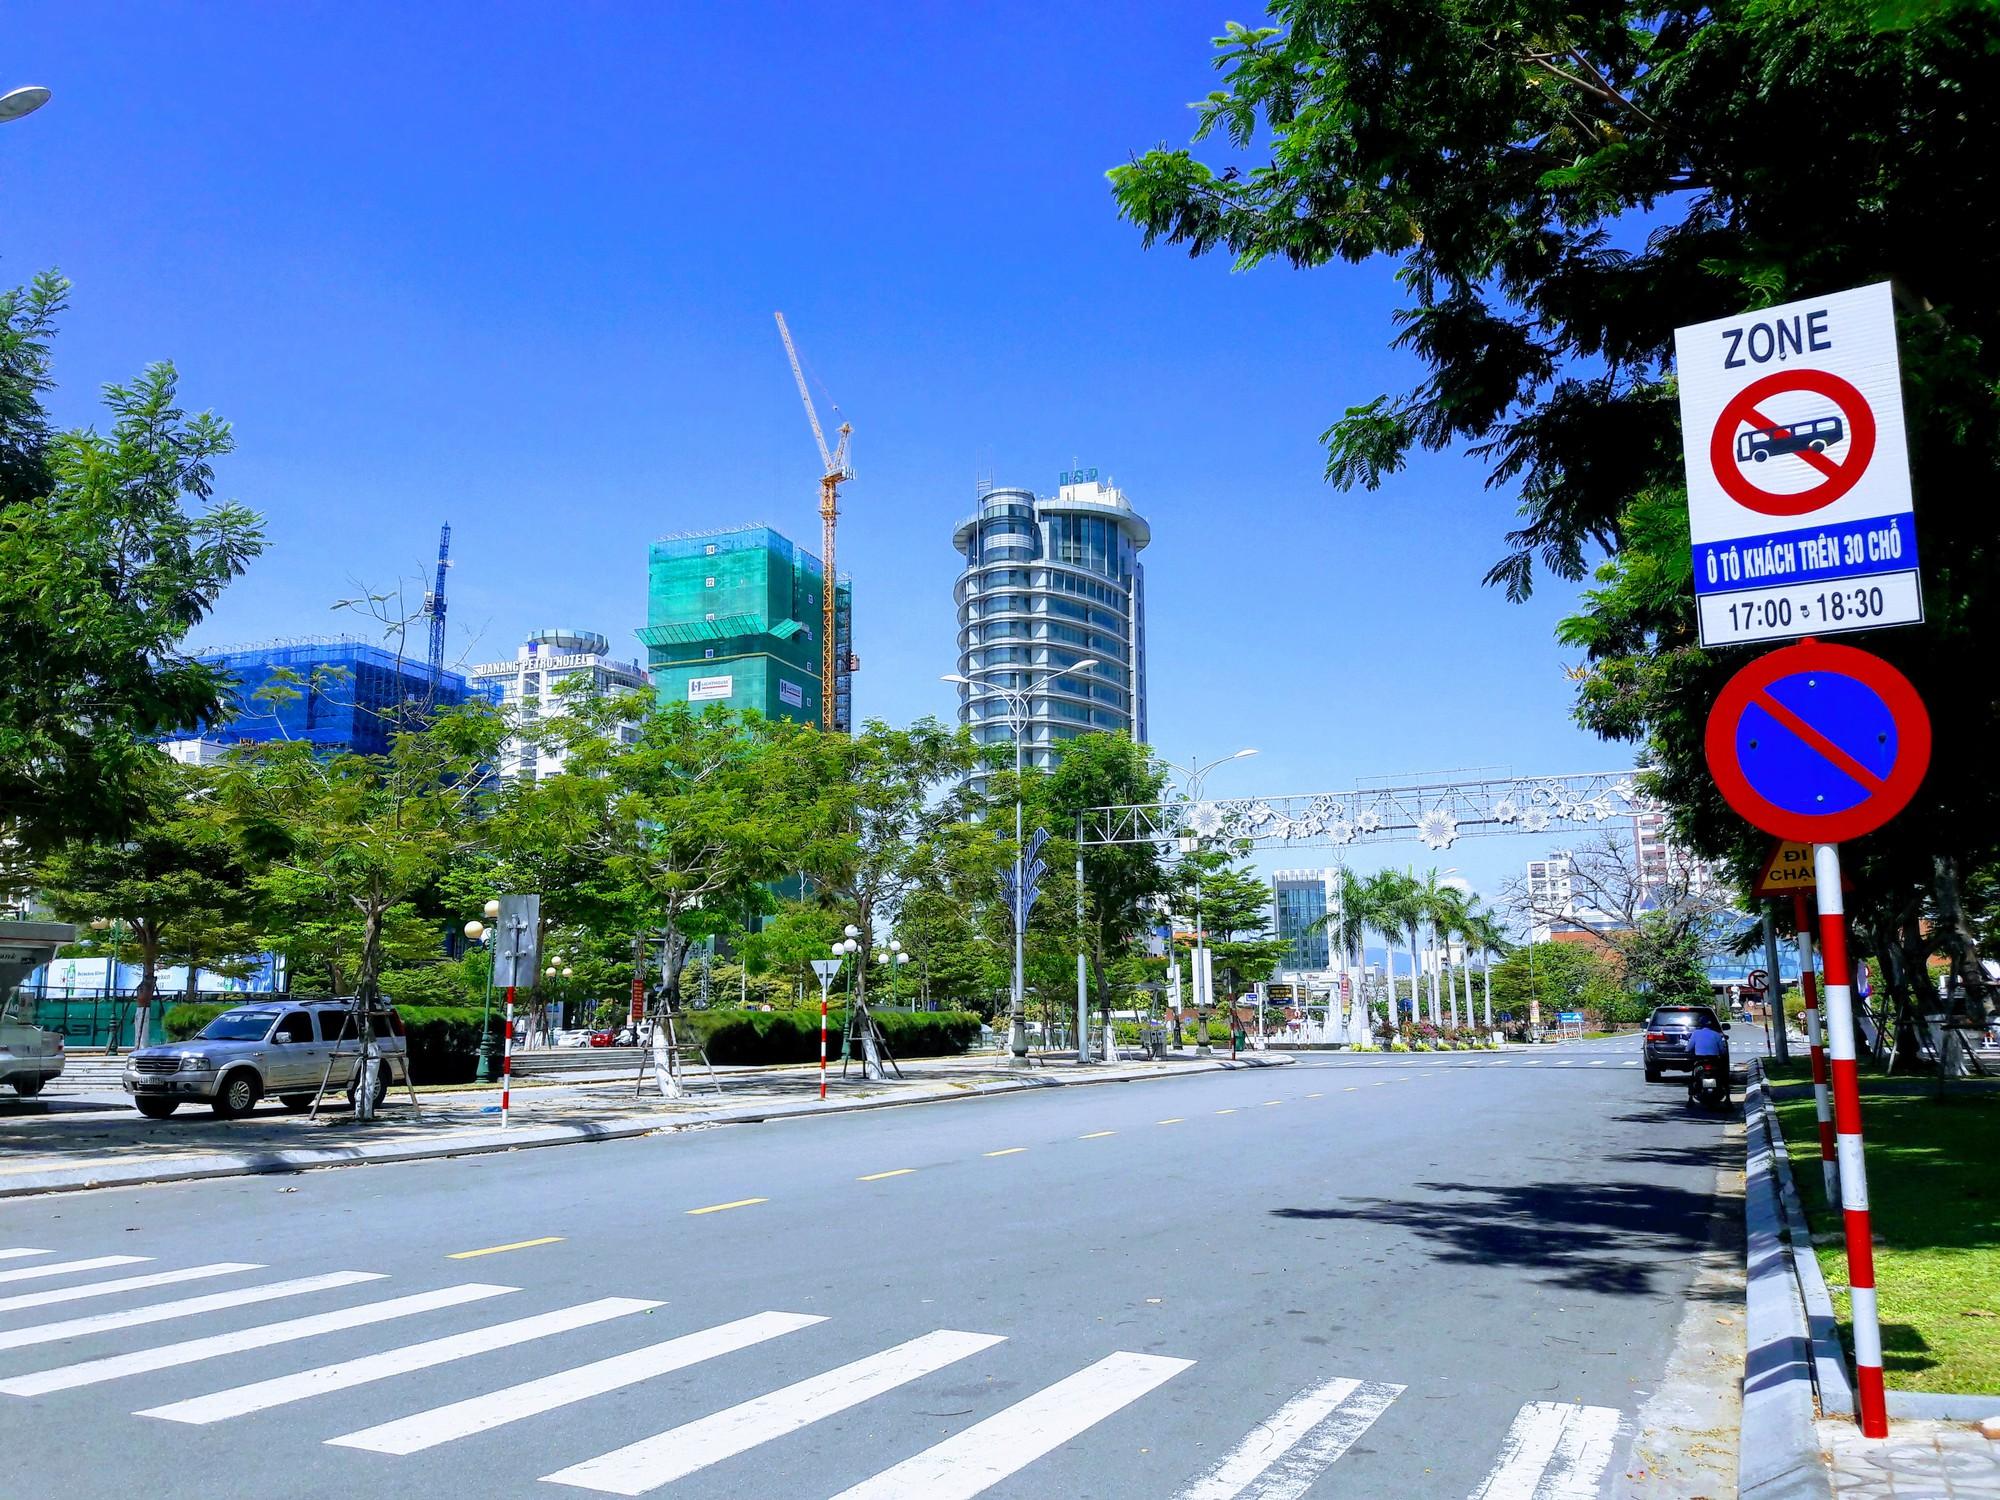 Những tuyến đường cấm ô tô để tổ chức Lễ hội pháo hoa Quốc tế Đà Nẵng 2019 - Ảnh 6.